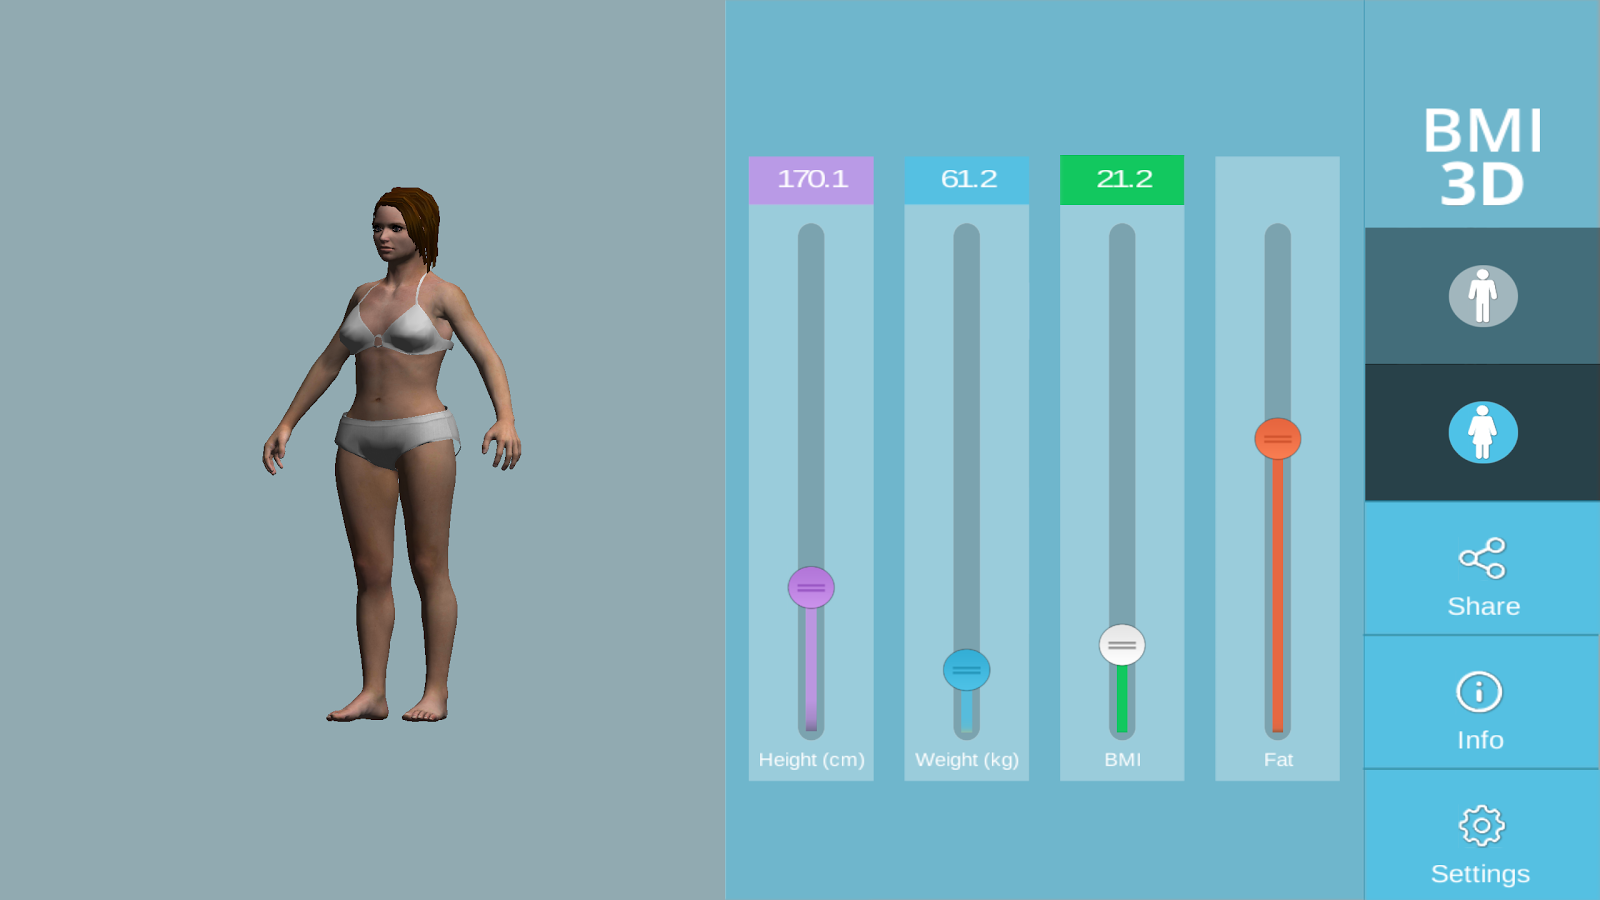 3D BMI Calculator Free- screenshot